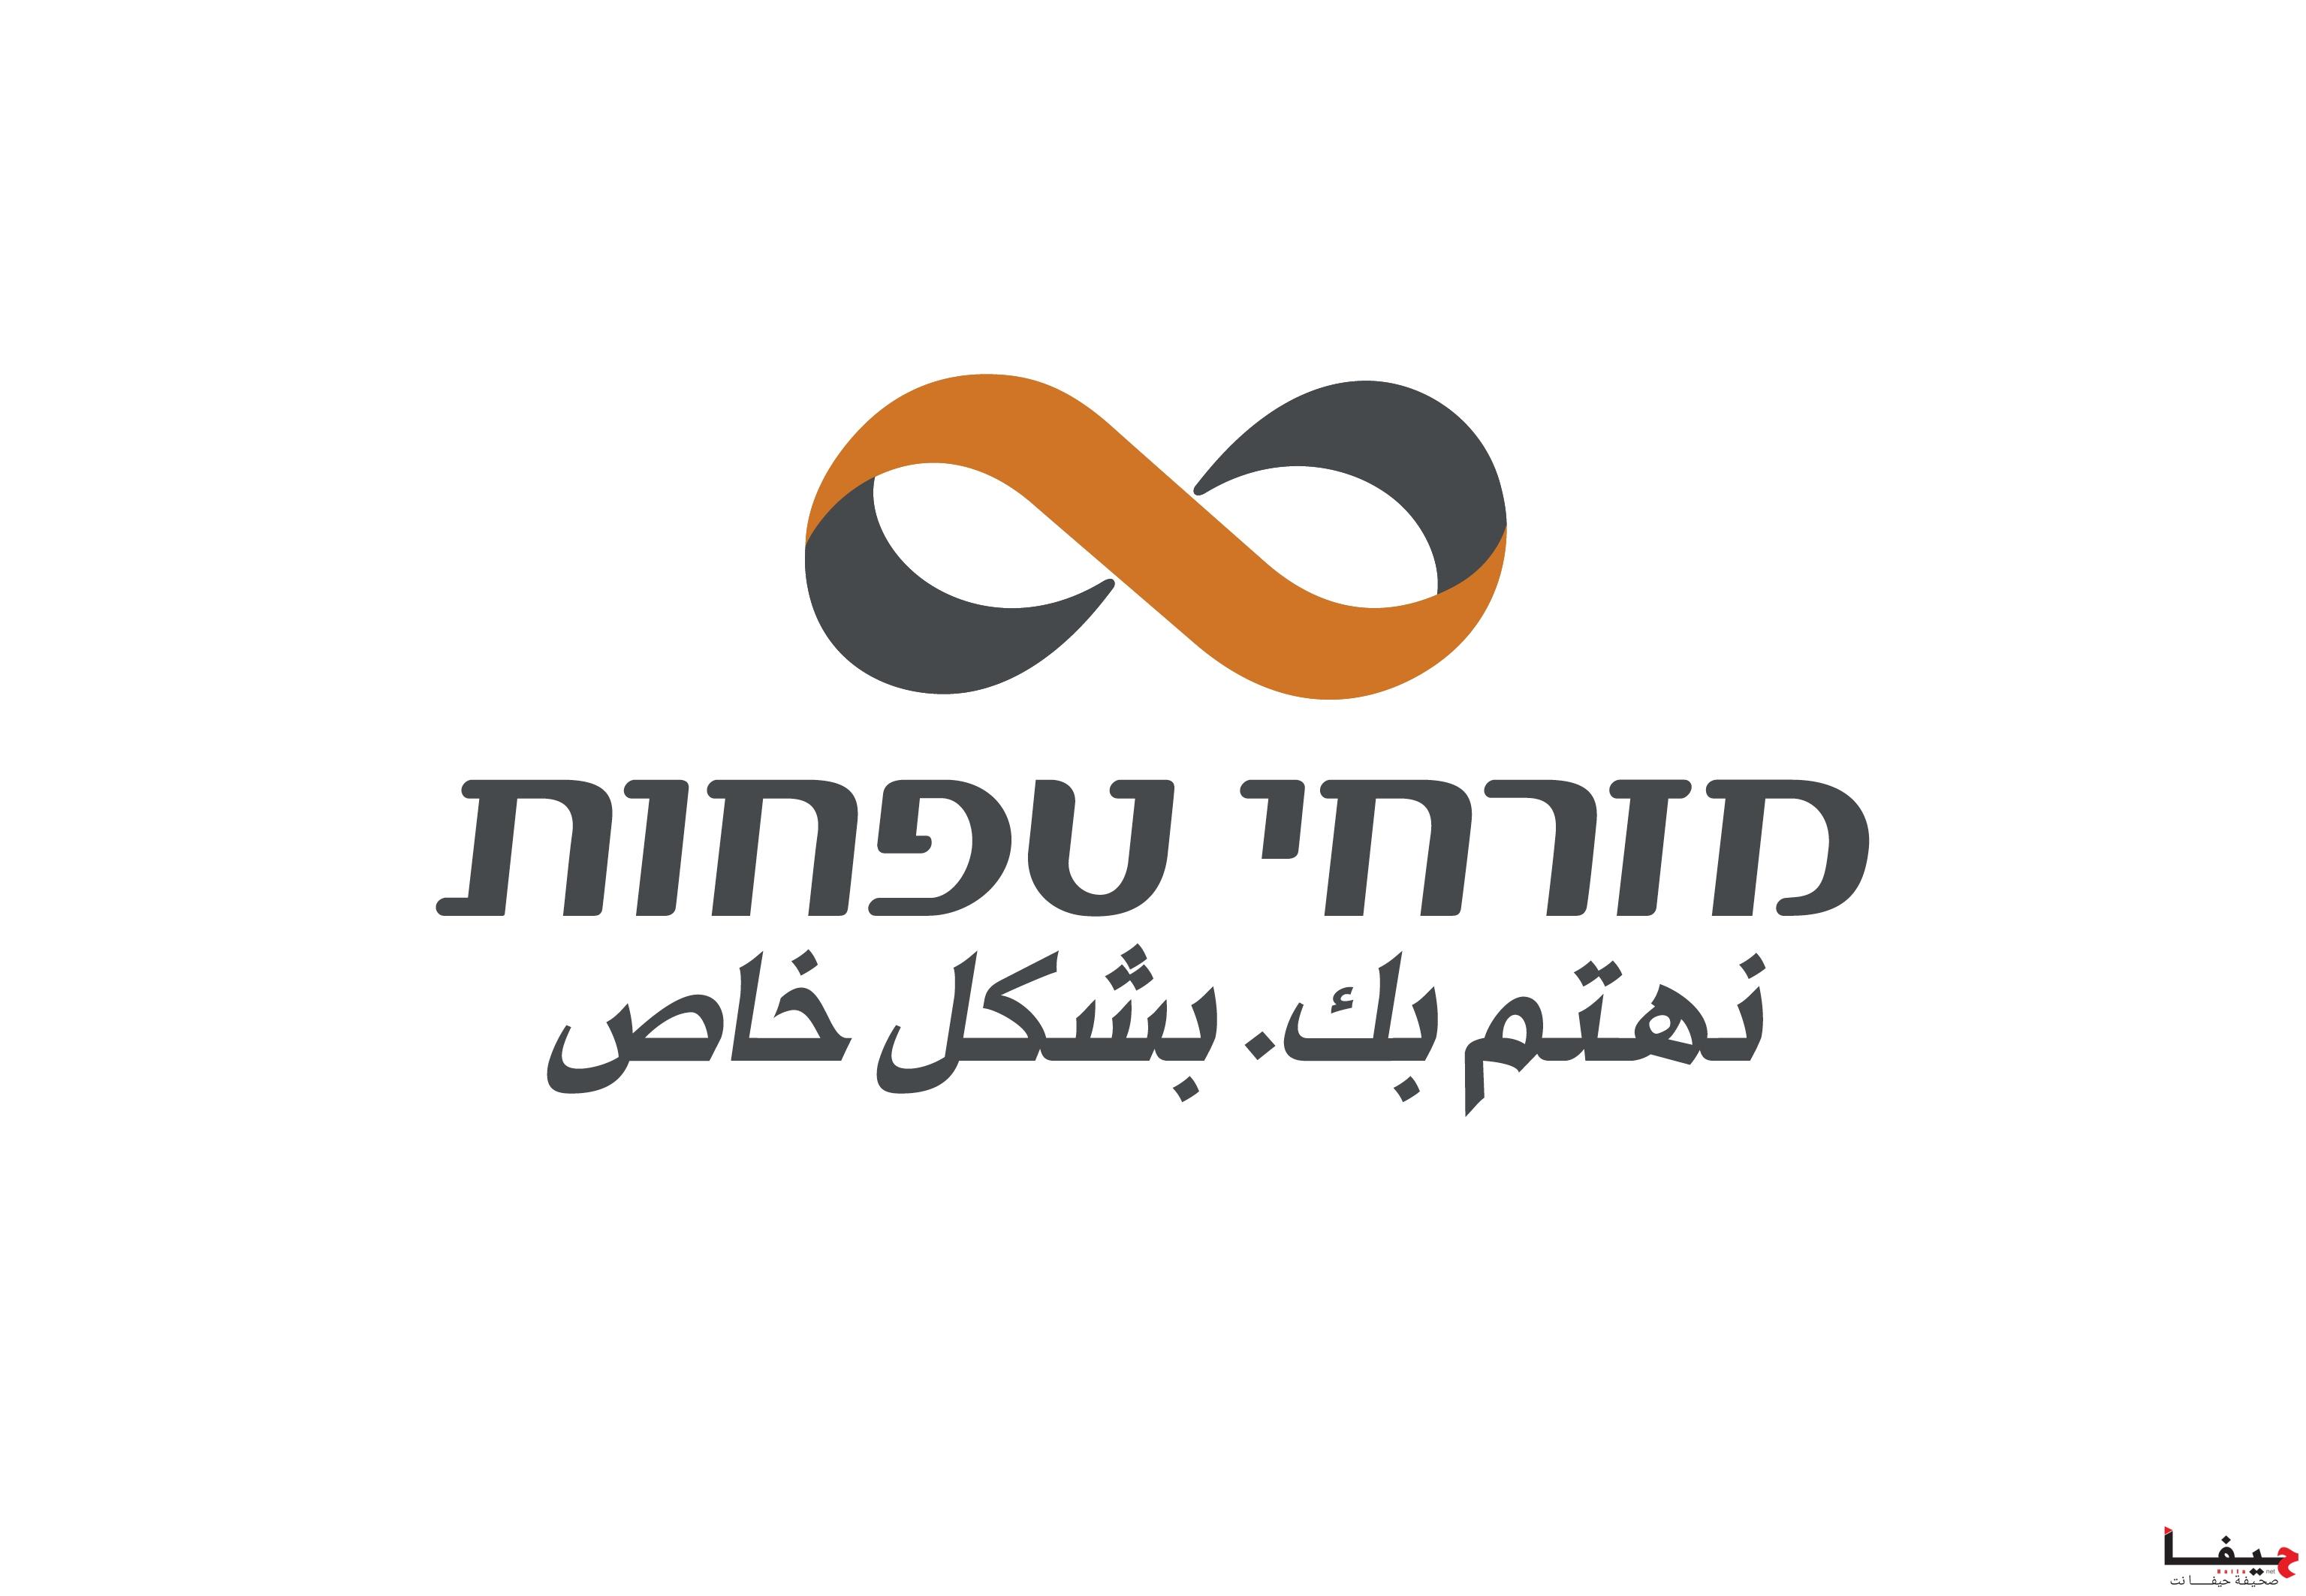 MZR_logo (5)